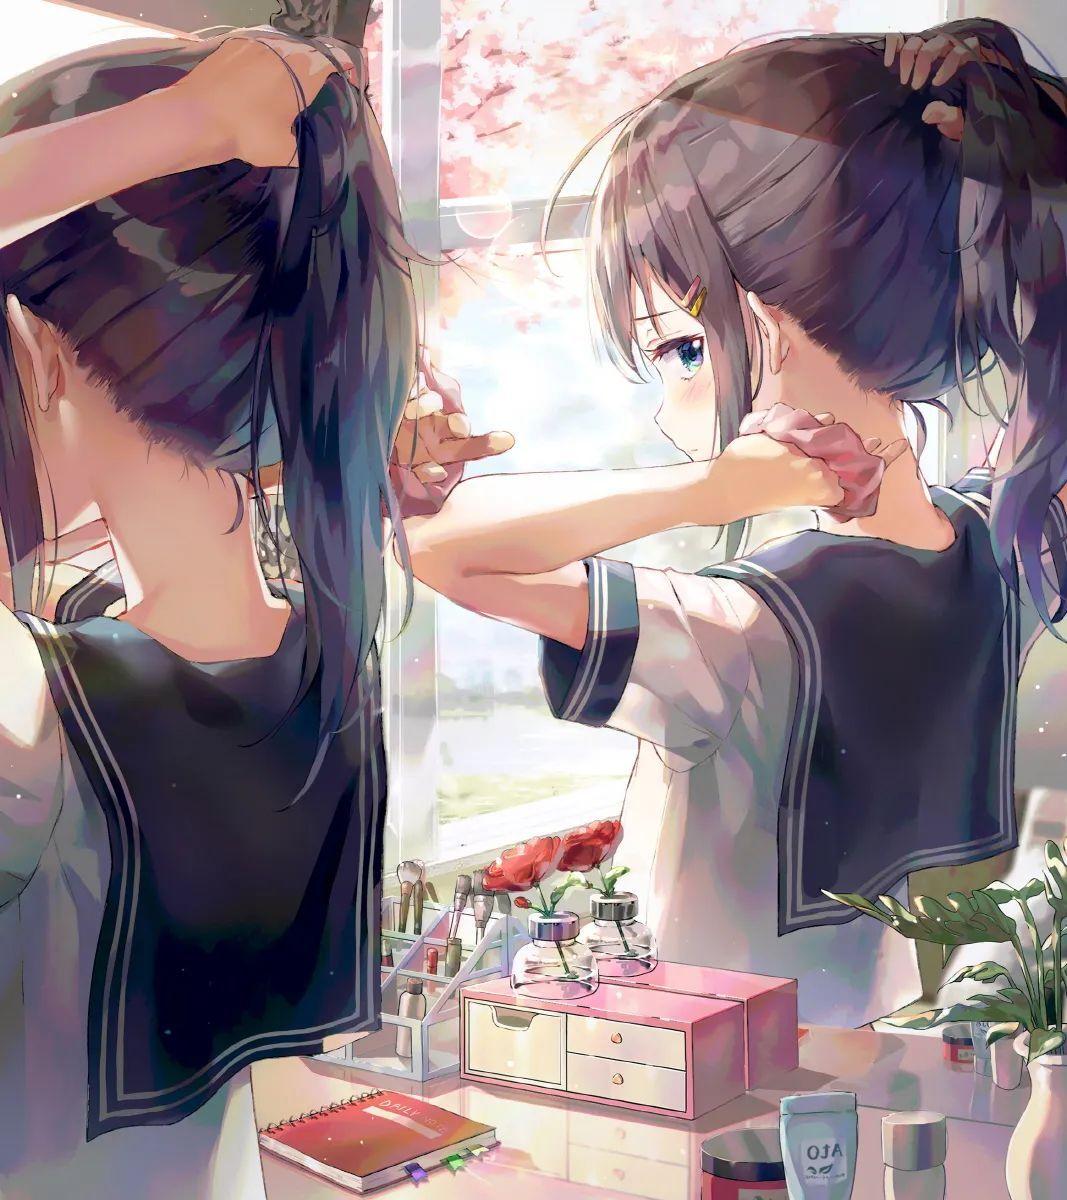 每日动漫美图 462期,水手服少女对窗梳头发_图片 No.1